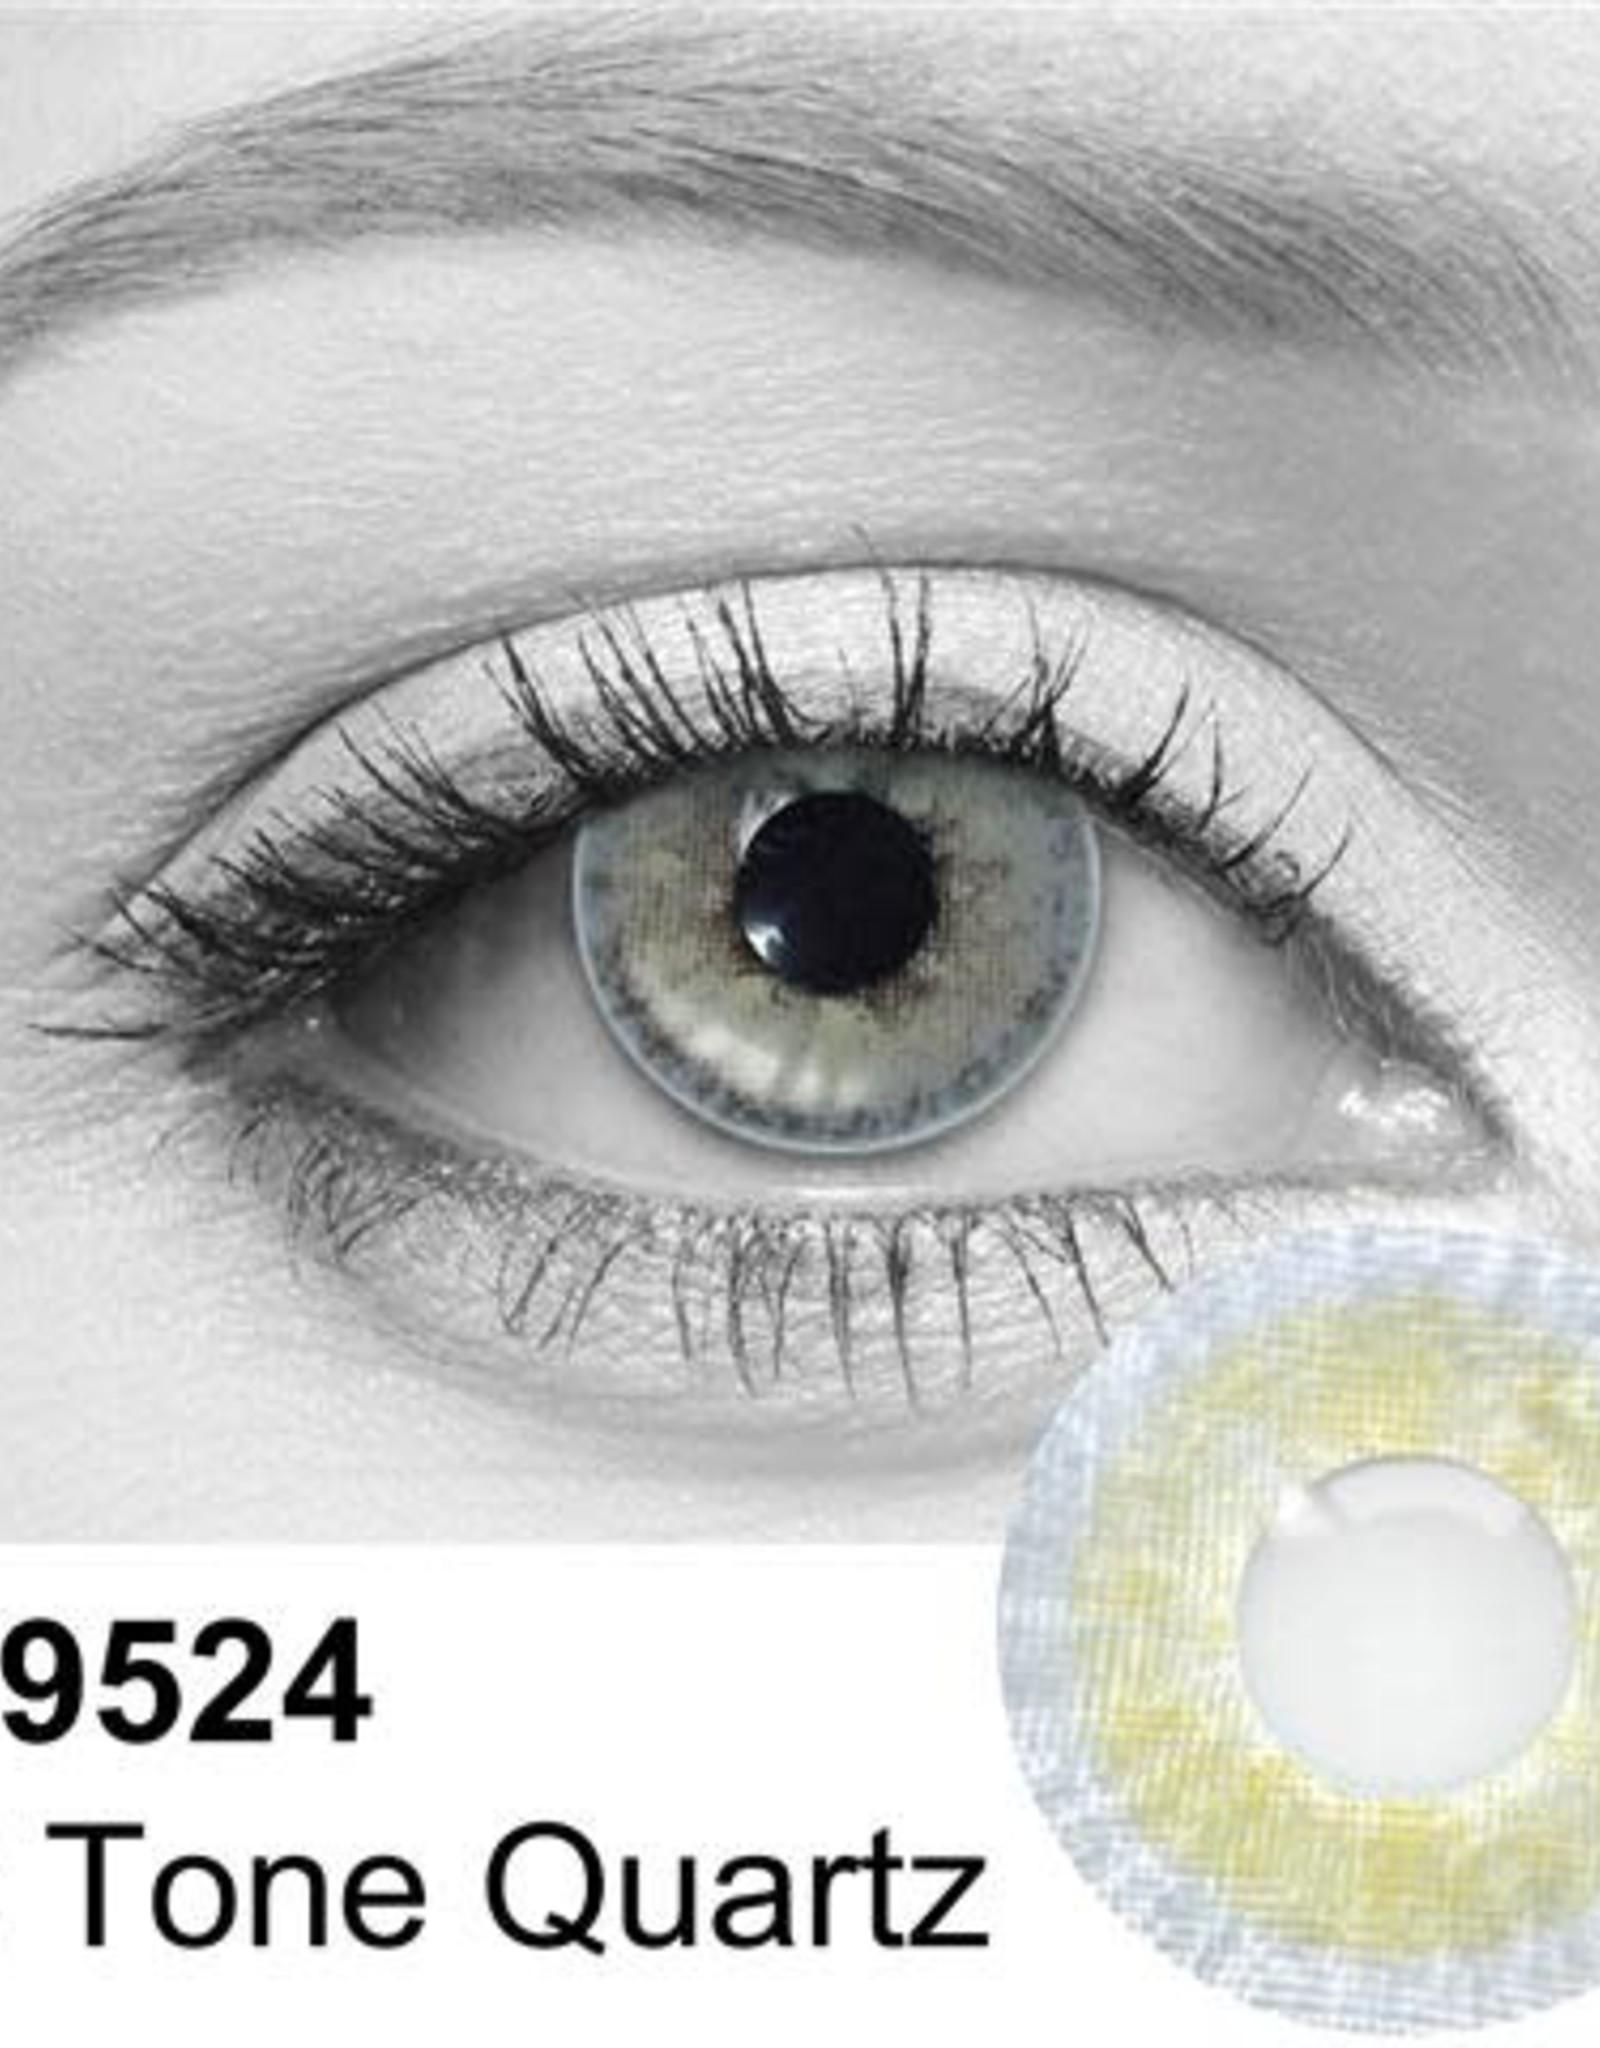 2 Tone Quartz Contact Lenses